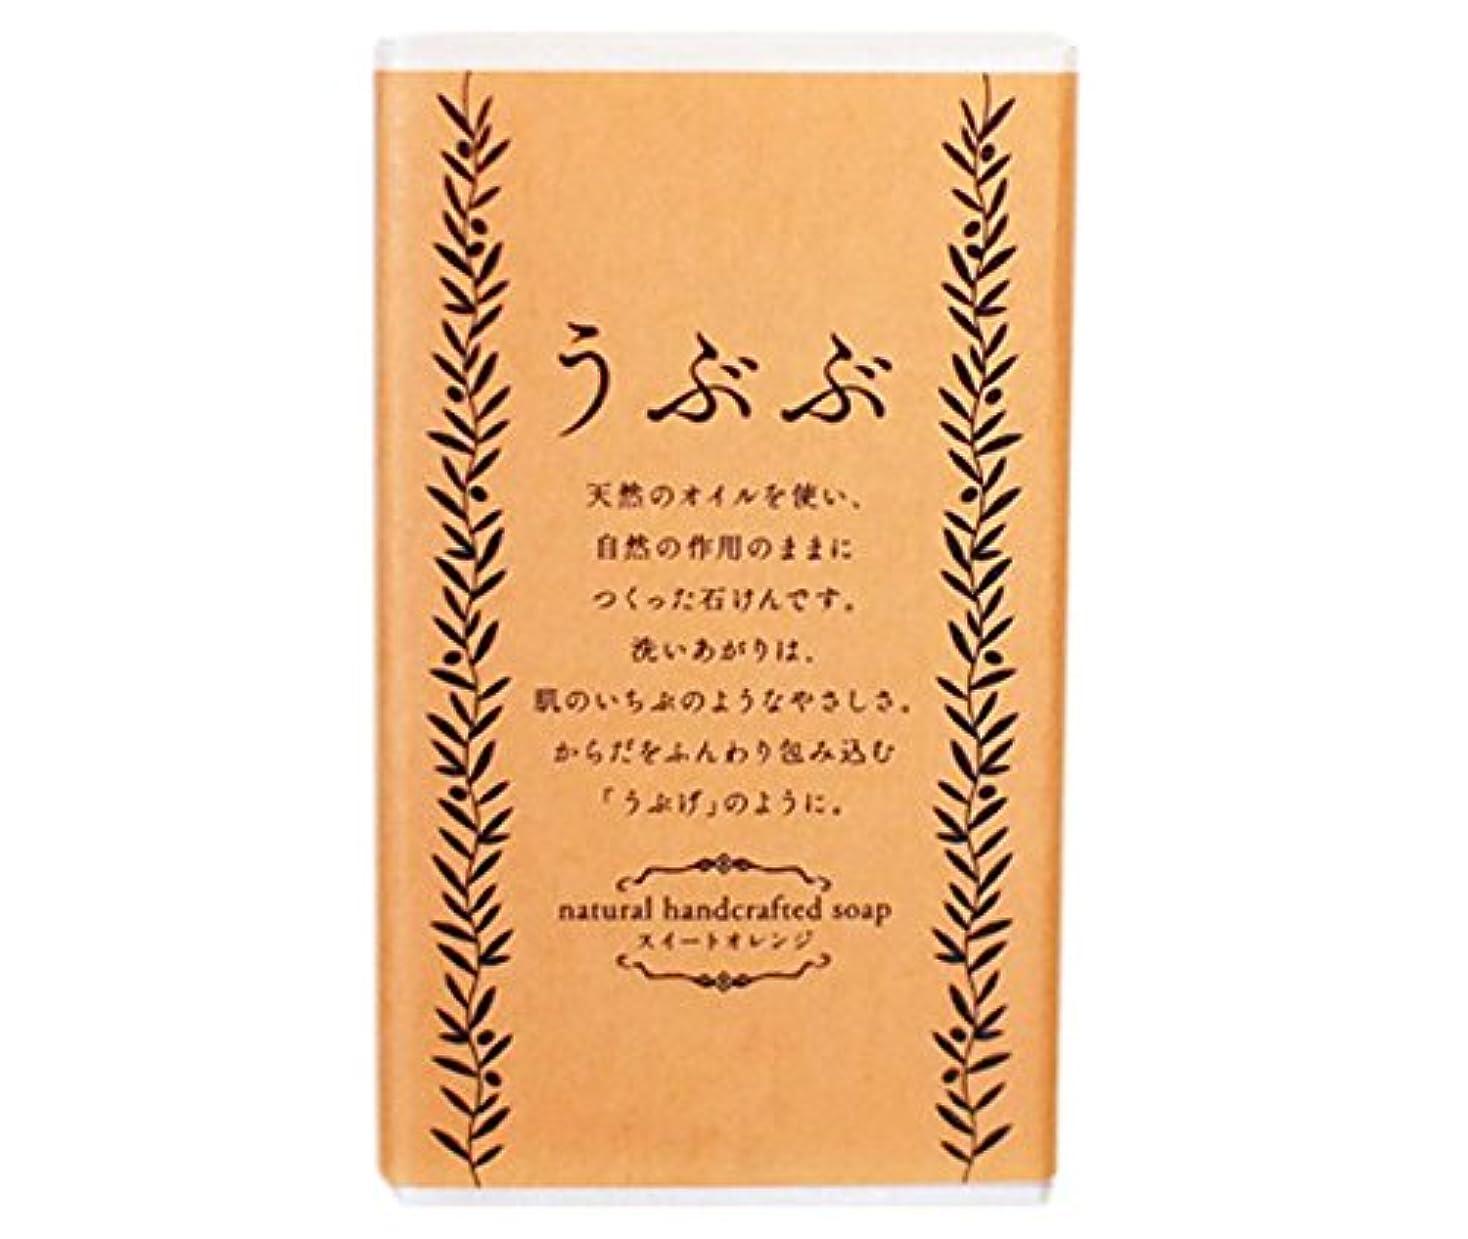 ホイスト文法宣言するうぶぶ 石けん natural handcrafted soap スイートオレンジ